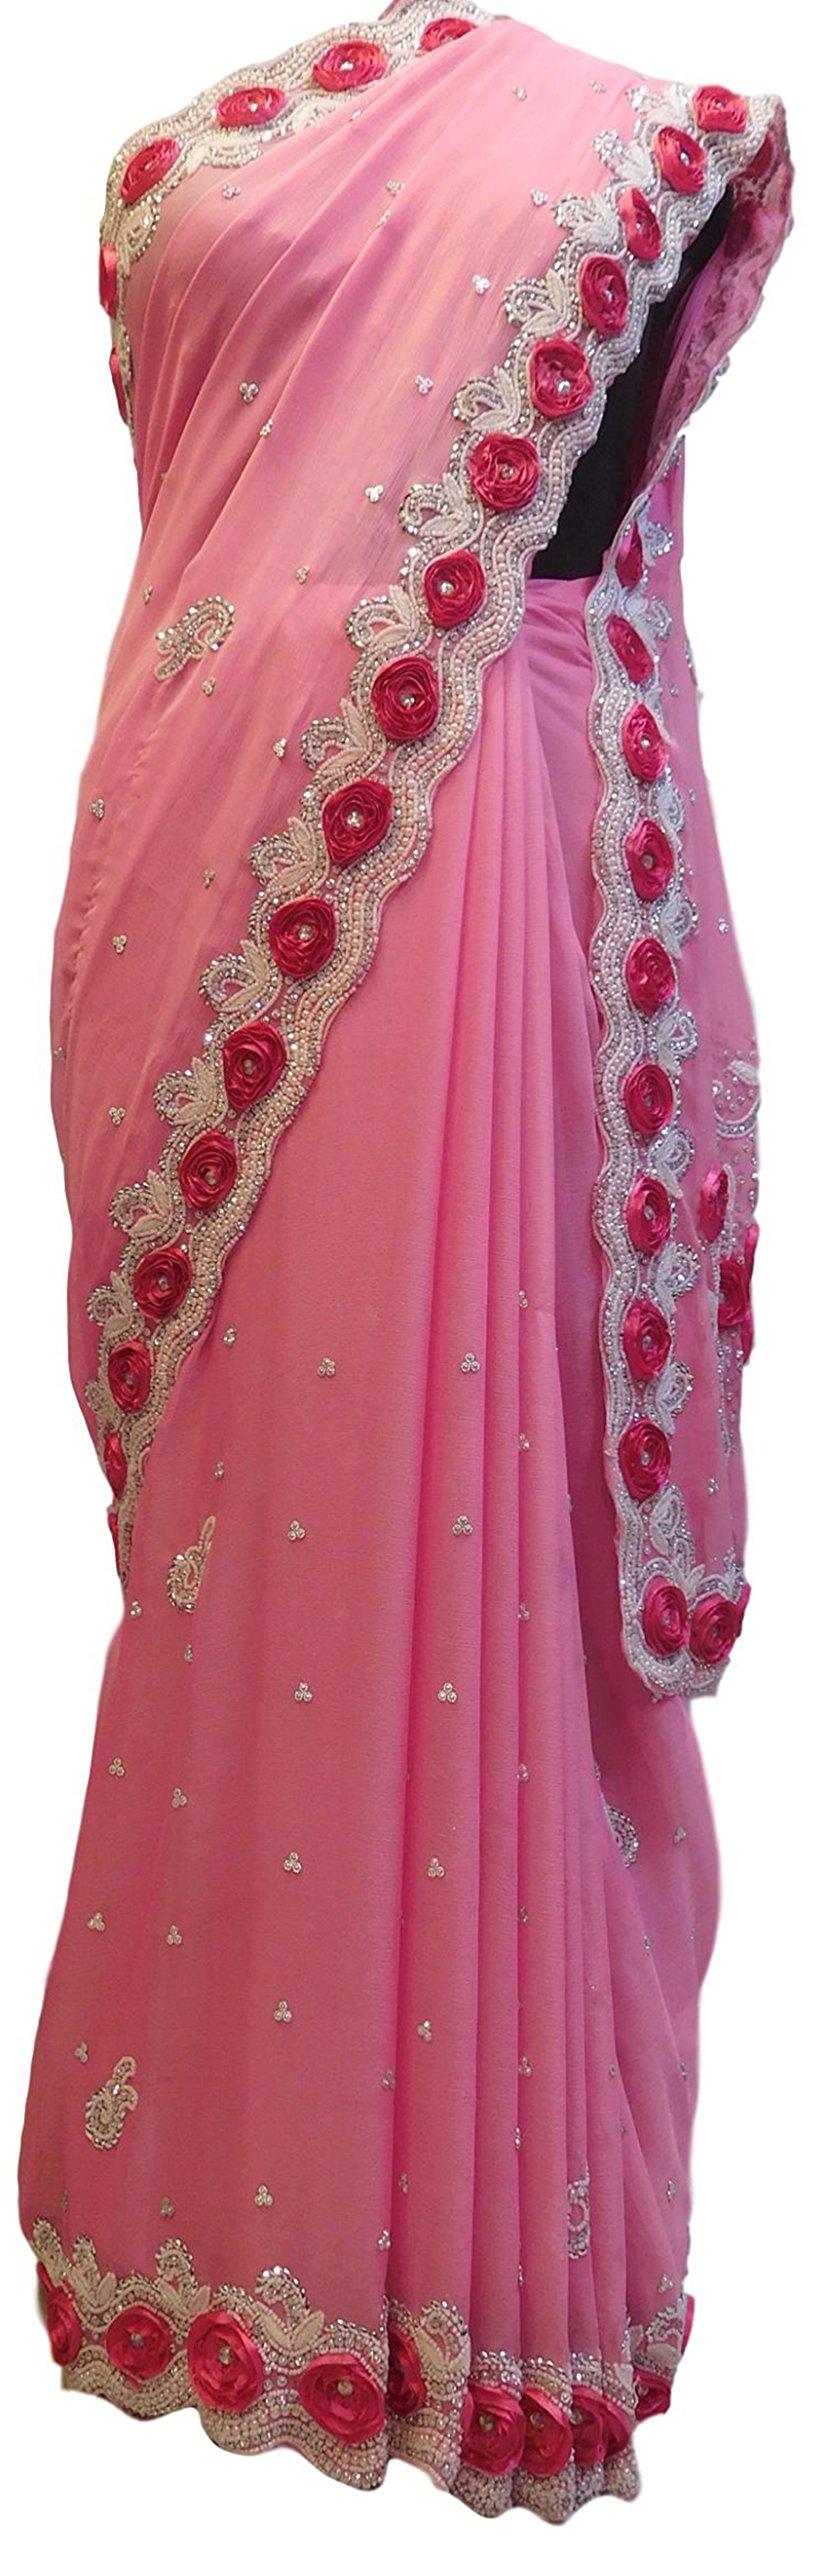 SMSAREE Pink Designer Bridal PartyWear Georgette Thread Beads Stone Work Wedding Cutdwork Border Saree Sari E009